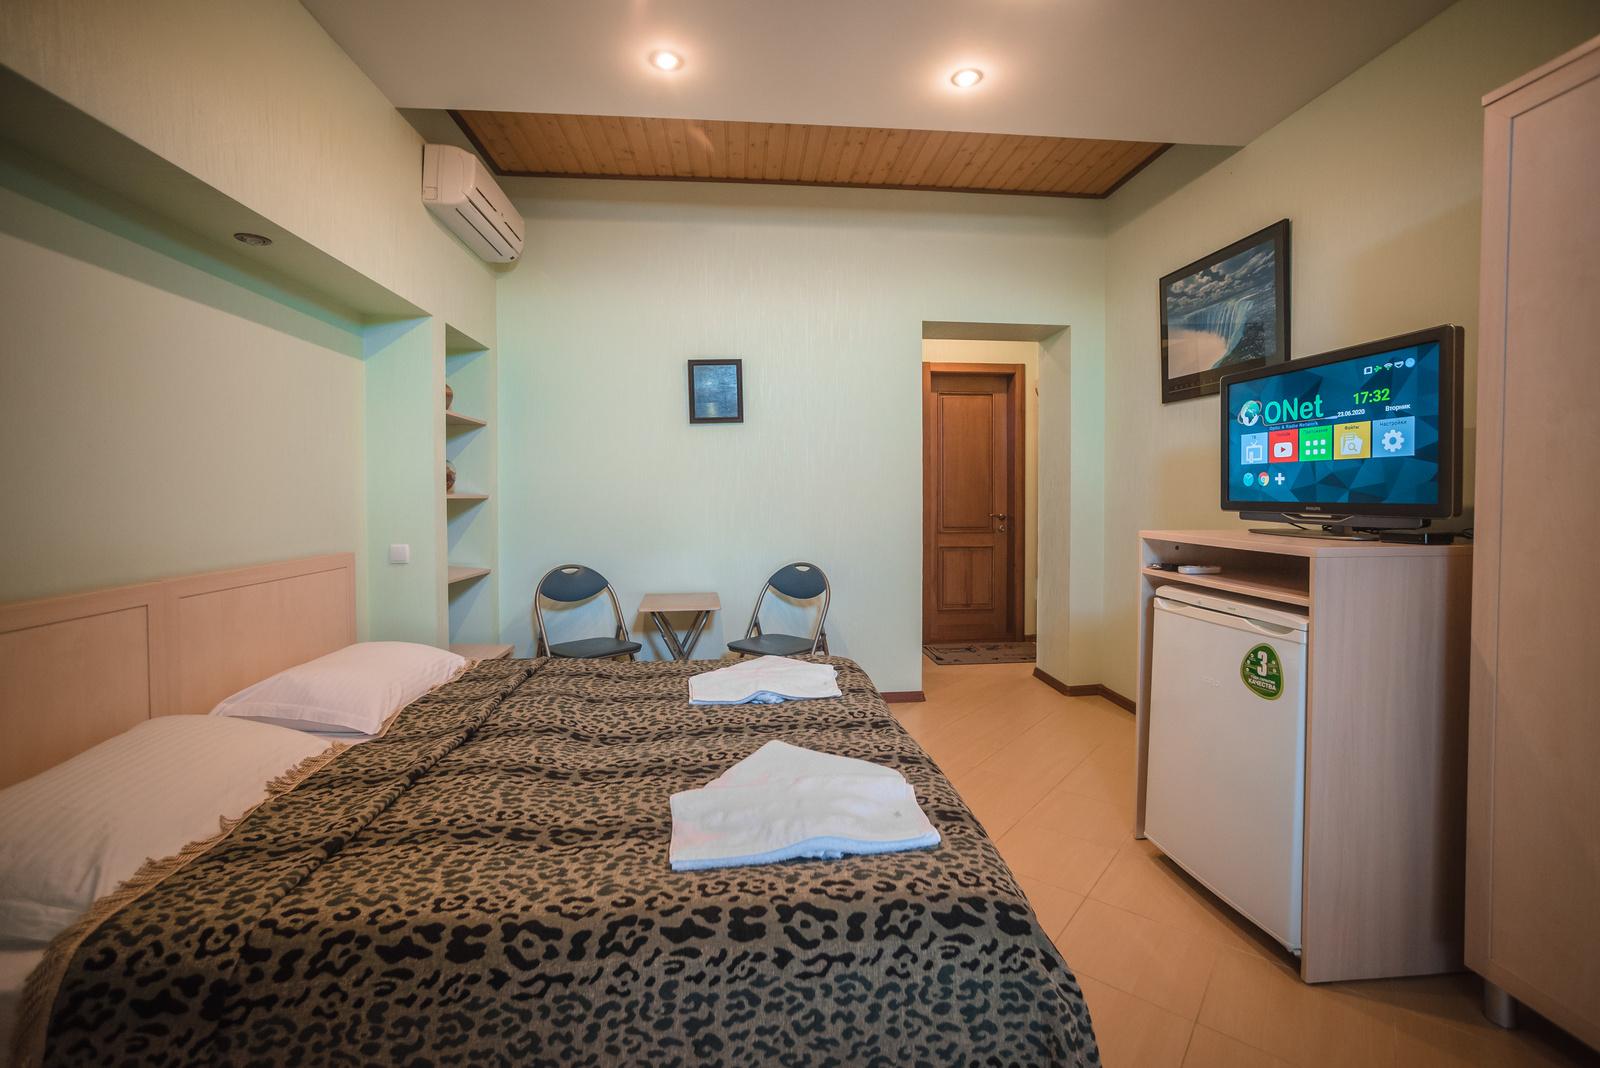 Номер Дабл №5 — Отель Амальтея. Бердянск. Фото 2